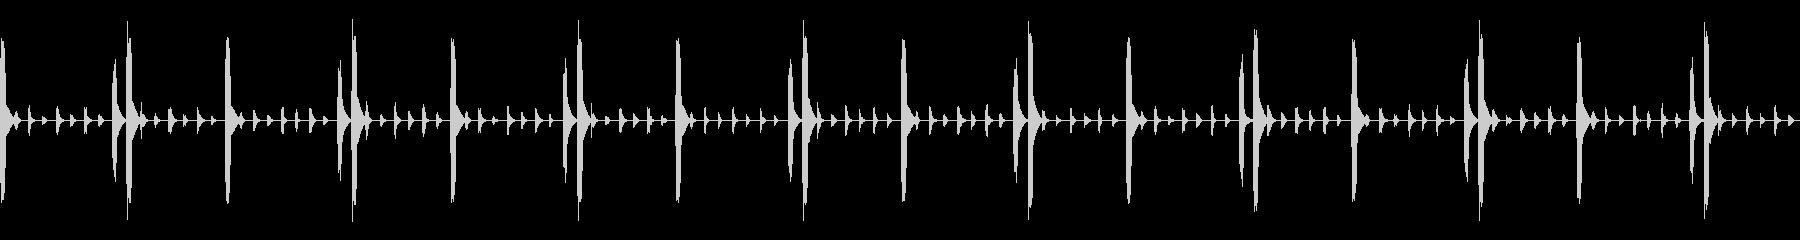 水のあぶくの様なリズムループの未再生の波形